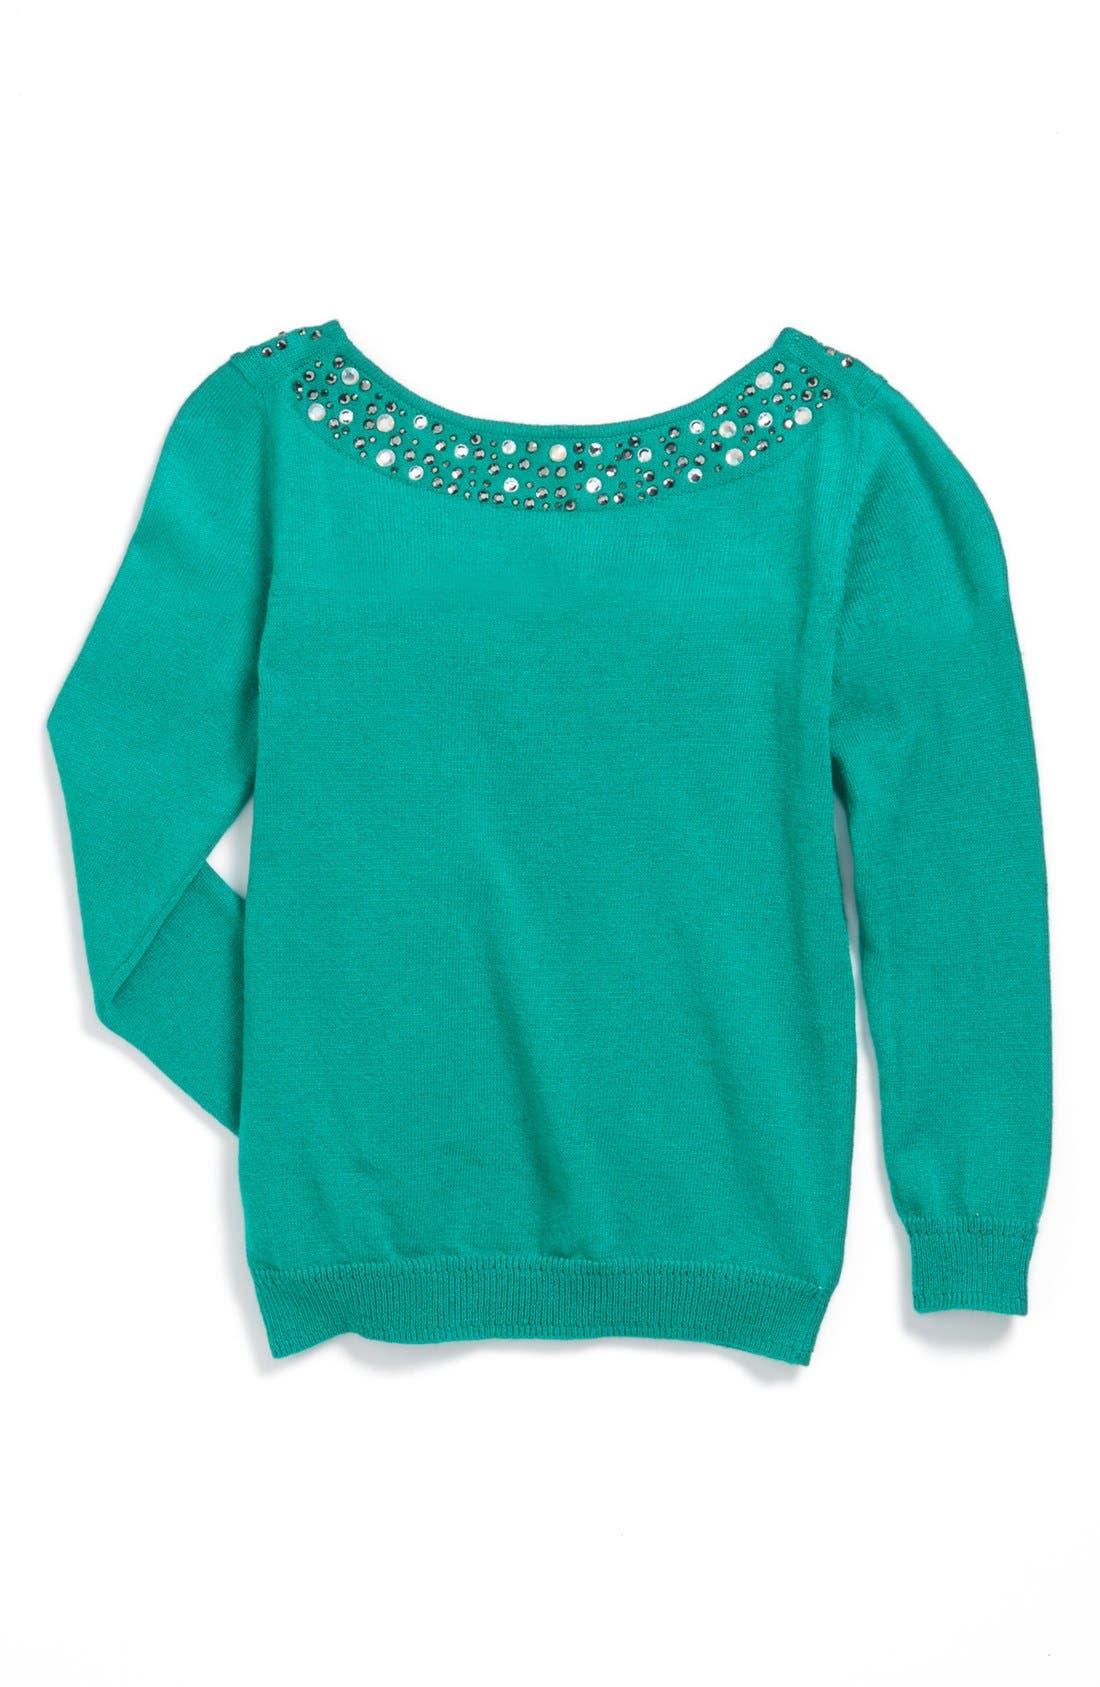 Alternate Image 2  - Milly Minis Rhinestone Collar Sweater (Toddler Girls, Little Girls & Big Girls)